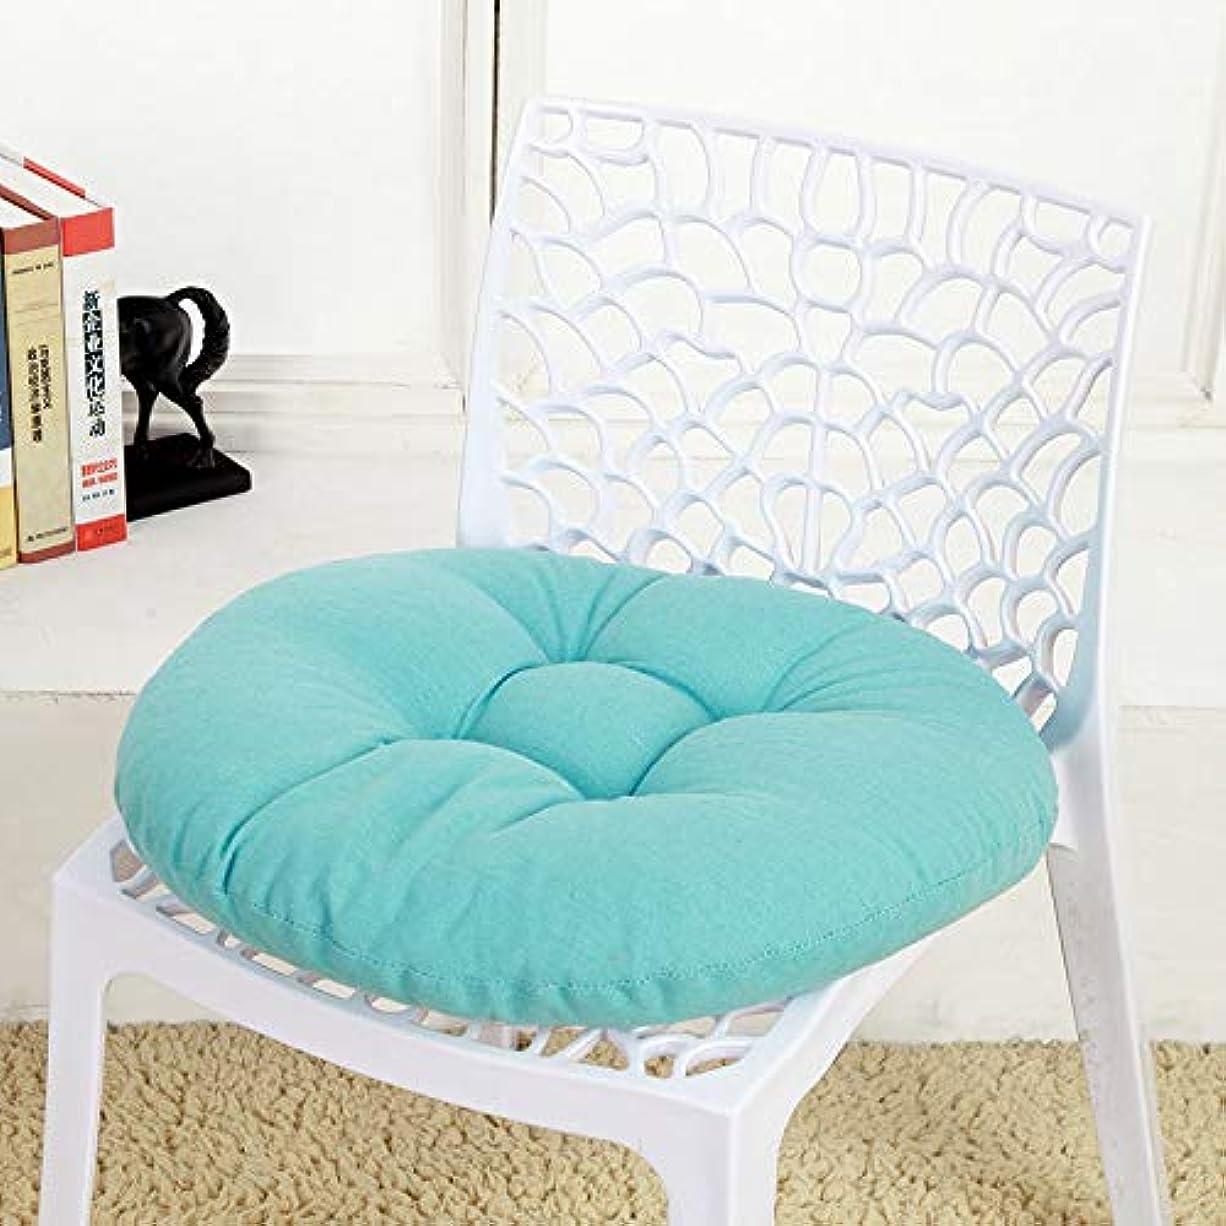 移住する裁判所柔らかいSMART キャンディカラーのクッションラウンドシートクッション波ウィンドウシートクッションクッション家の装飾パッドラウンド枕シート枕椅子座る枕 クッション 椅子